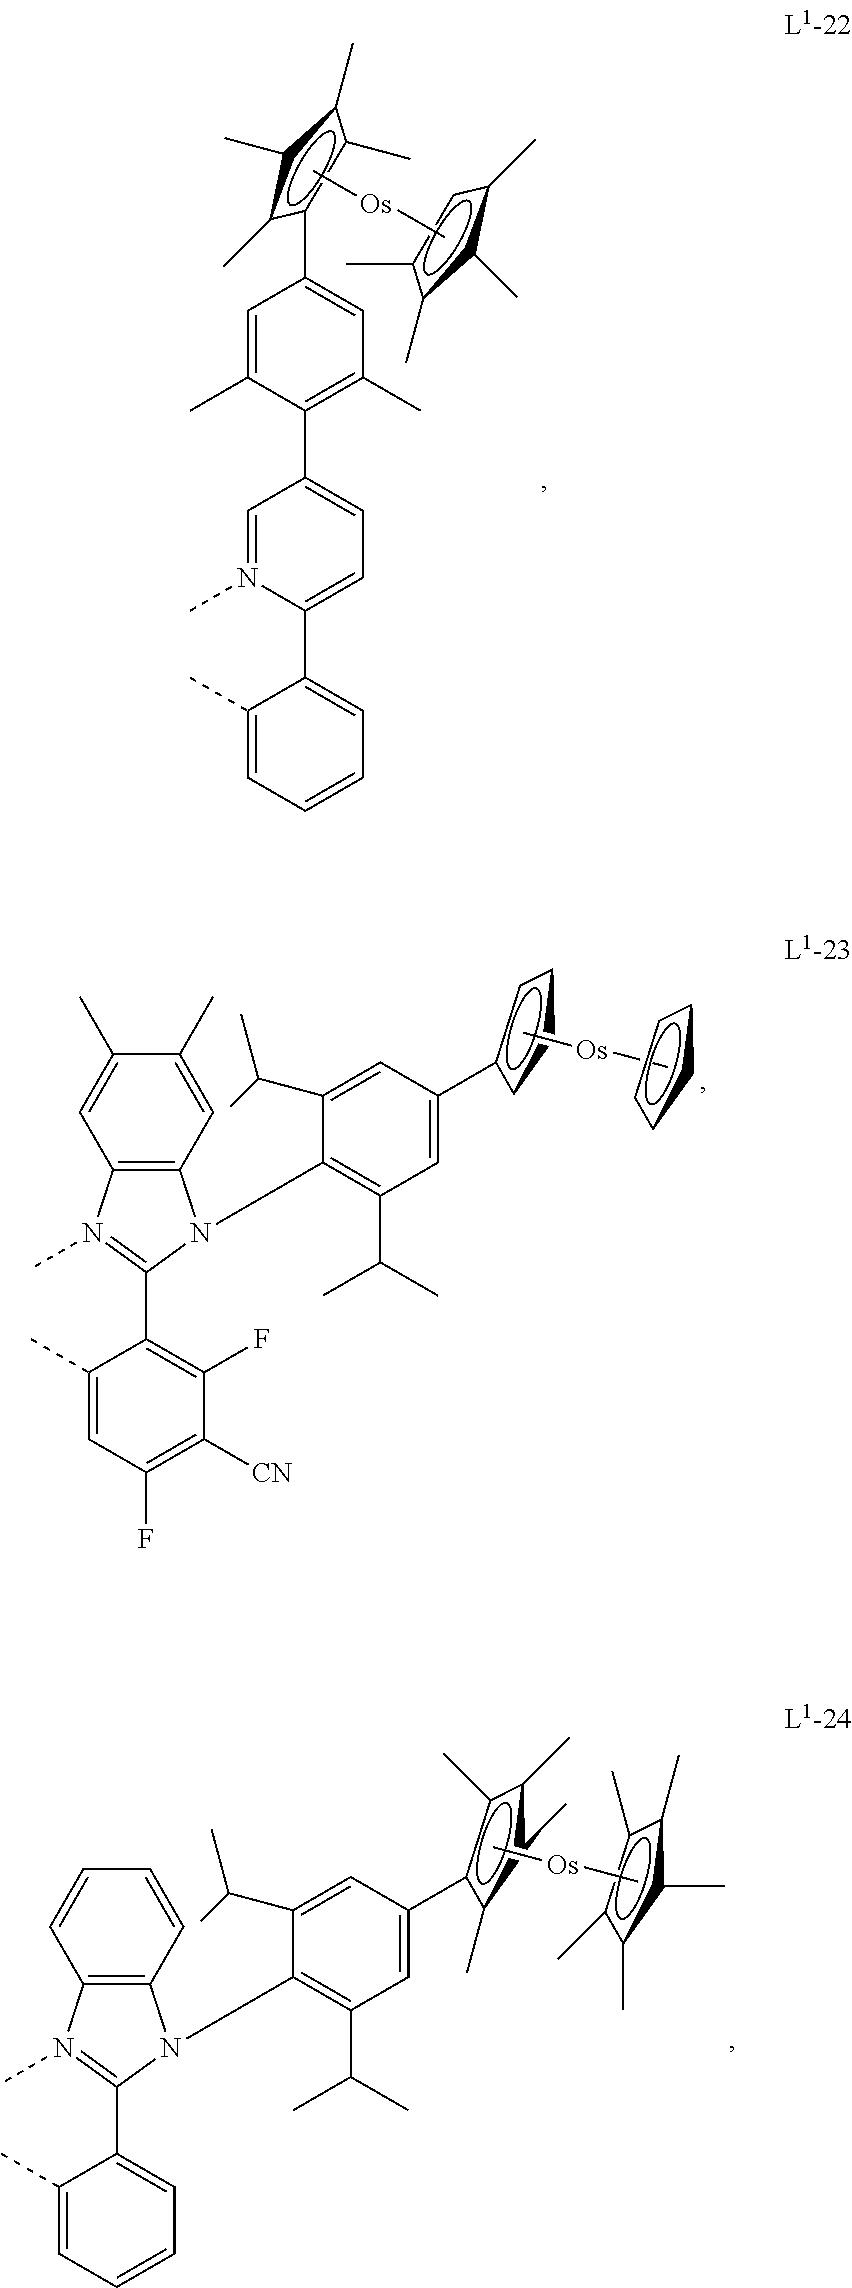 Figure US09680113-20170613-C00018